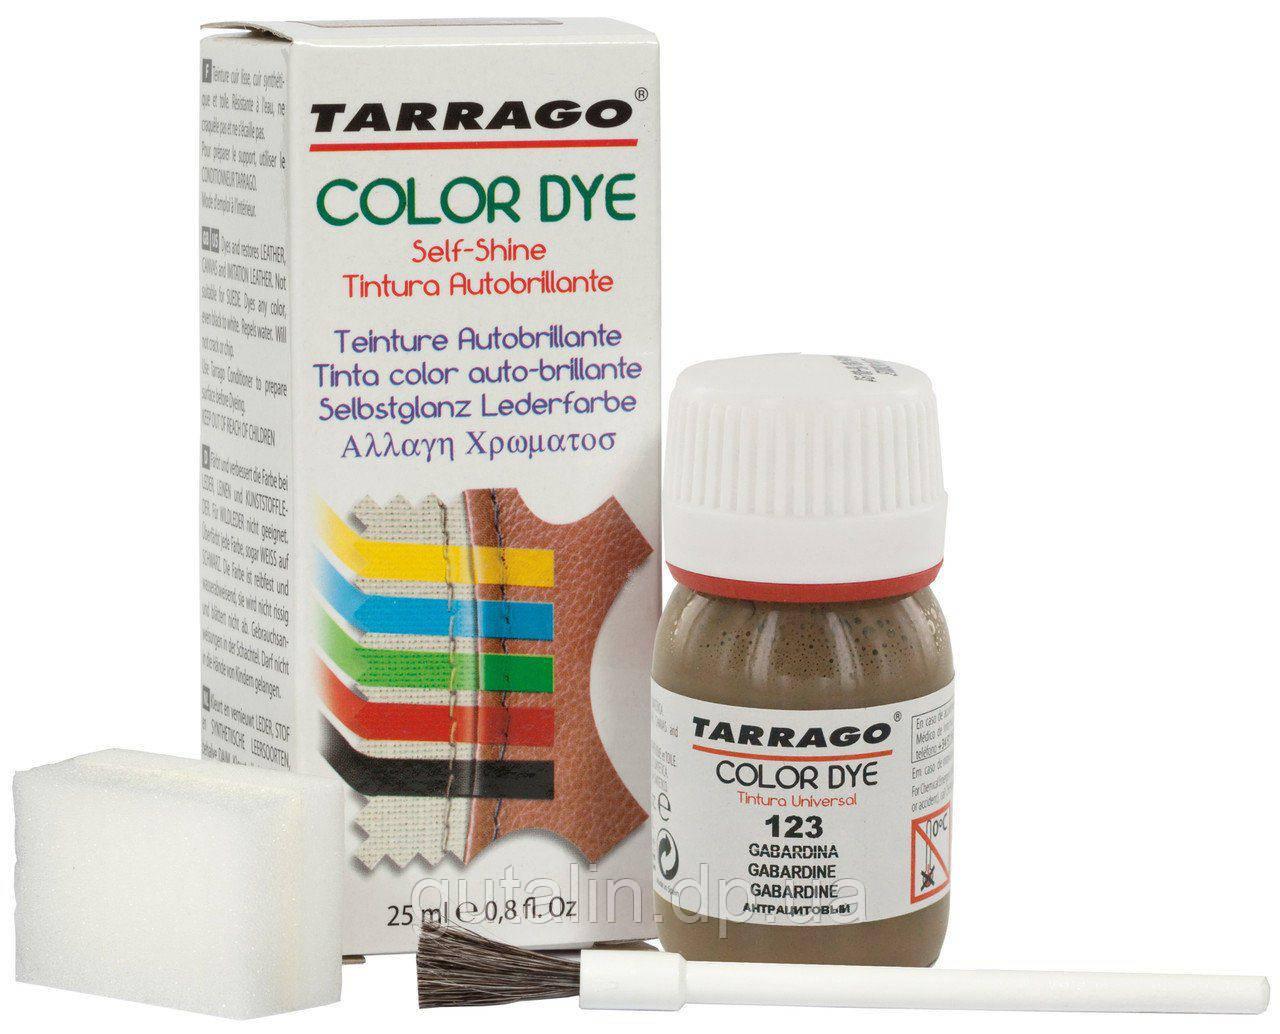 Краситель для гладкой кожи и текстиля Tarrago Color Dye 25 мл цвет антрацитовый (123)